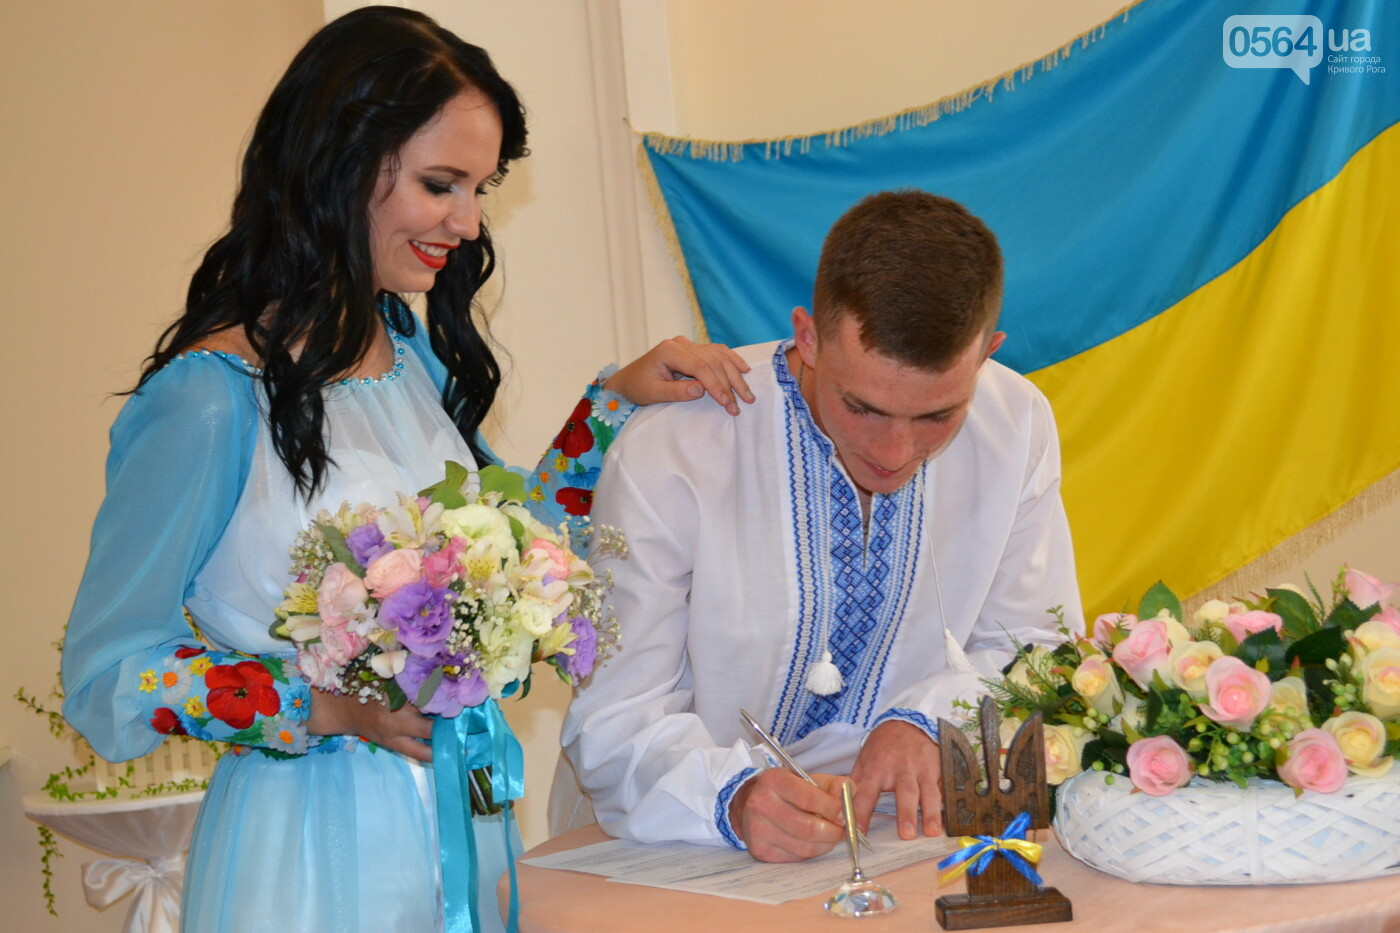 В Кривом Роге бойца 17 танковой бригады и его супругу в день бракосочетания крепко связали флагом Украины, - ФОТО, ВИДЕО, фото-2